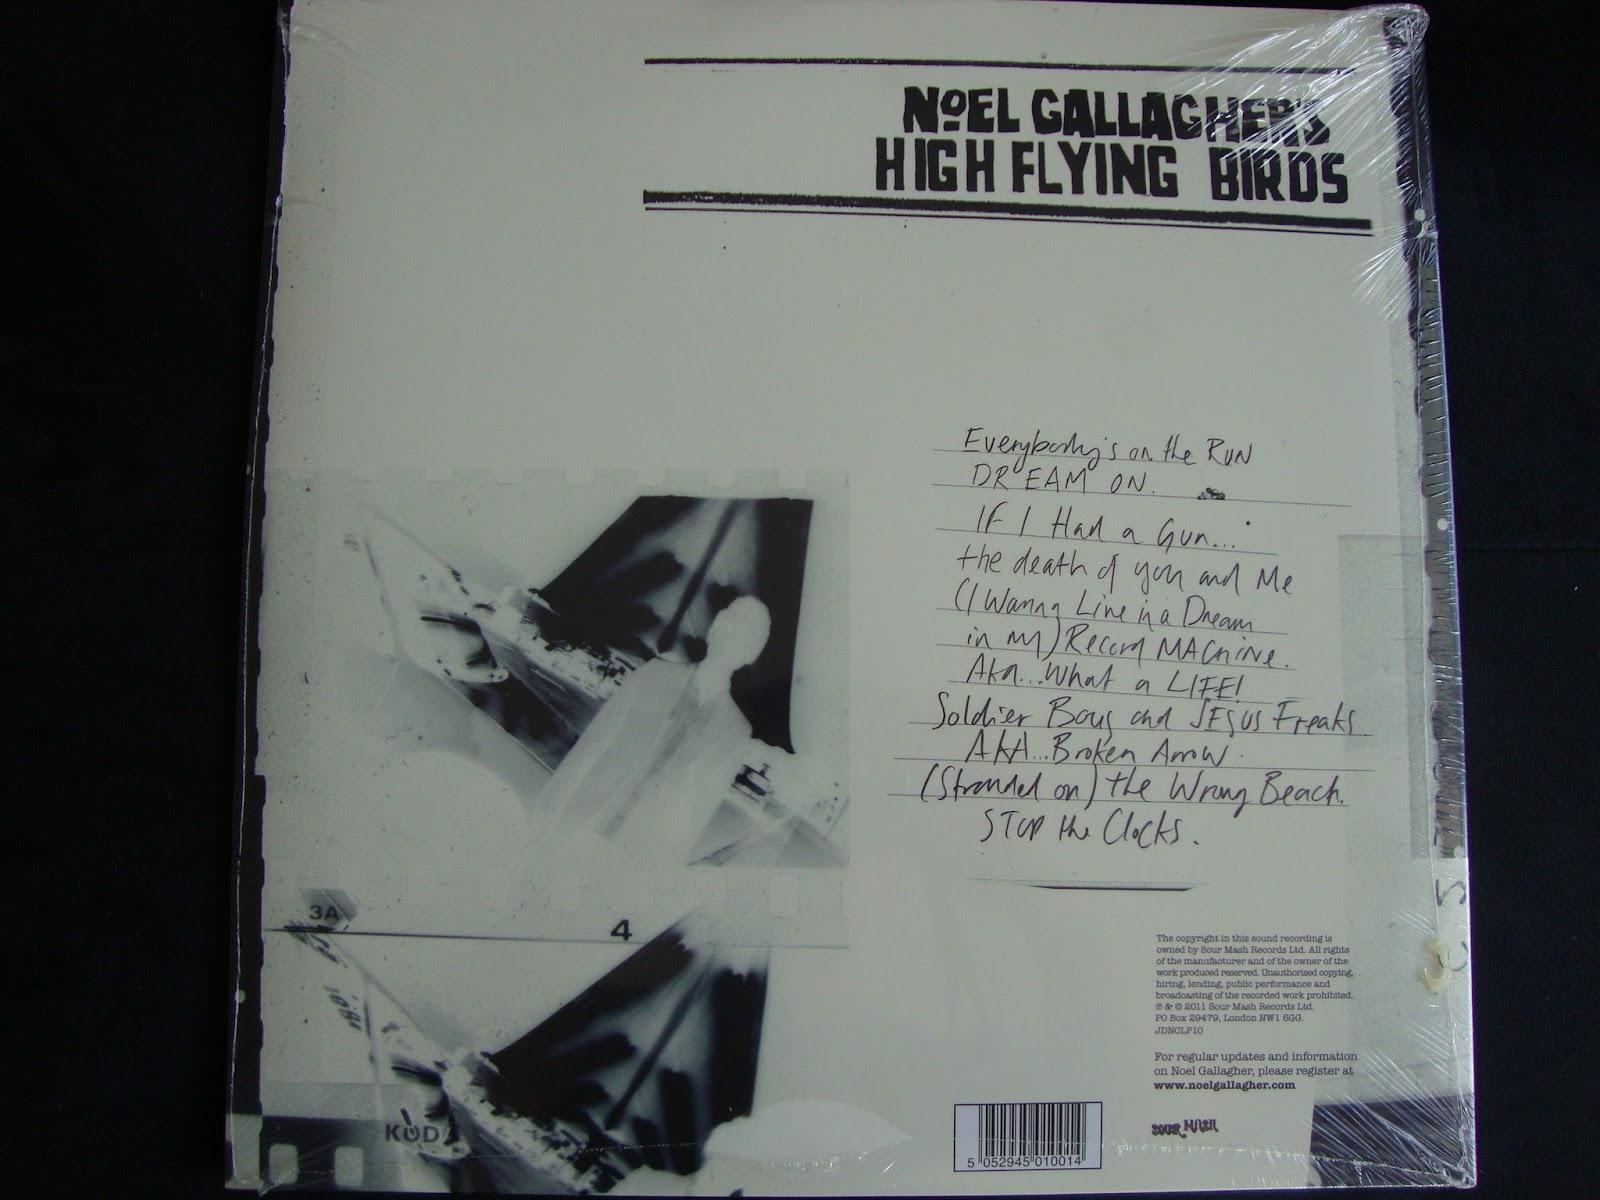 High Flying Birds Collectors Vinyl Noel Gallagher S